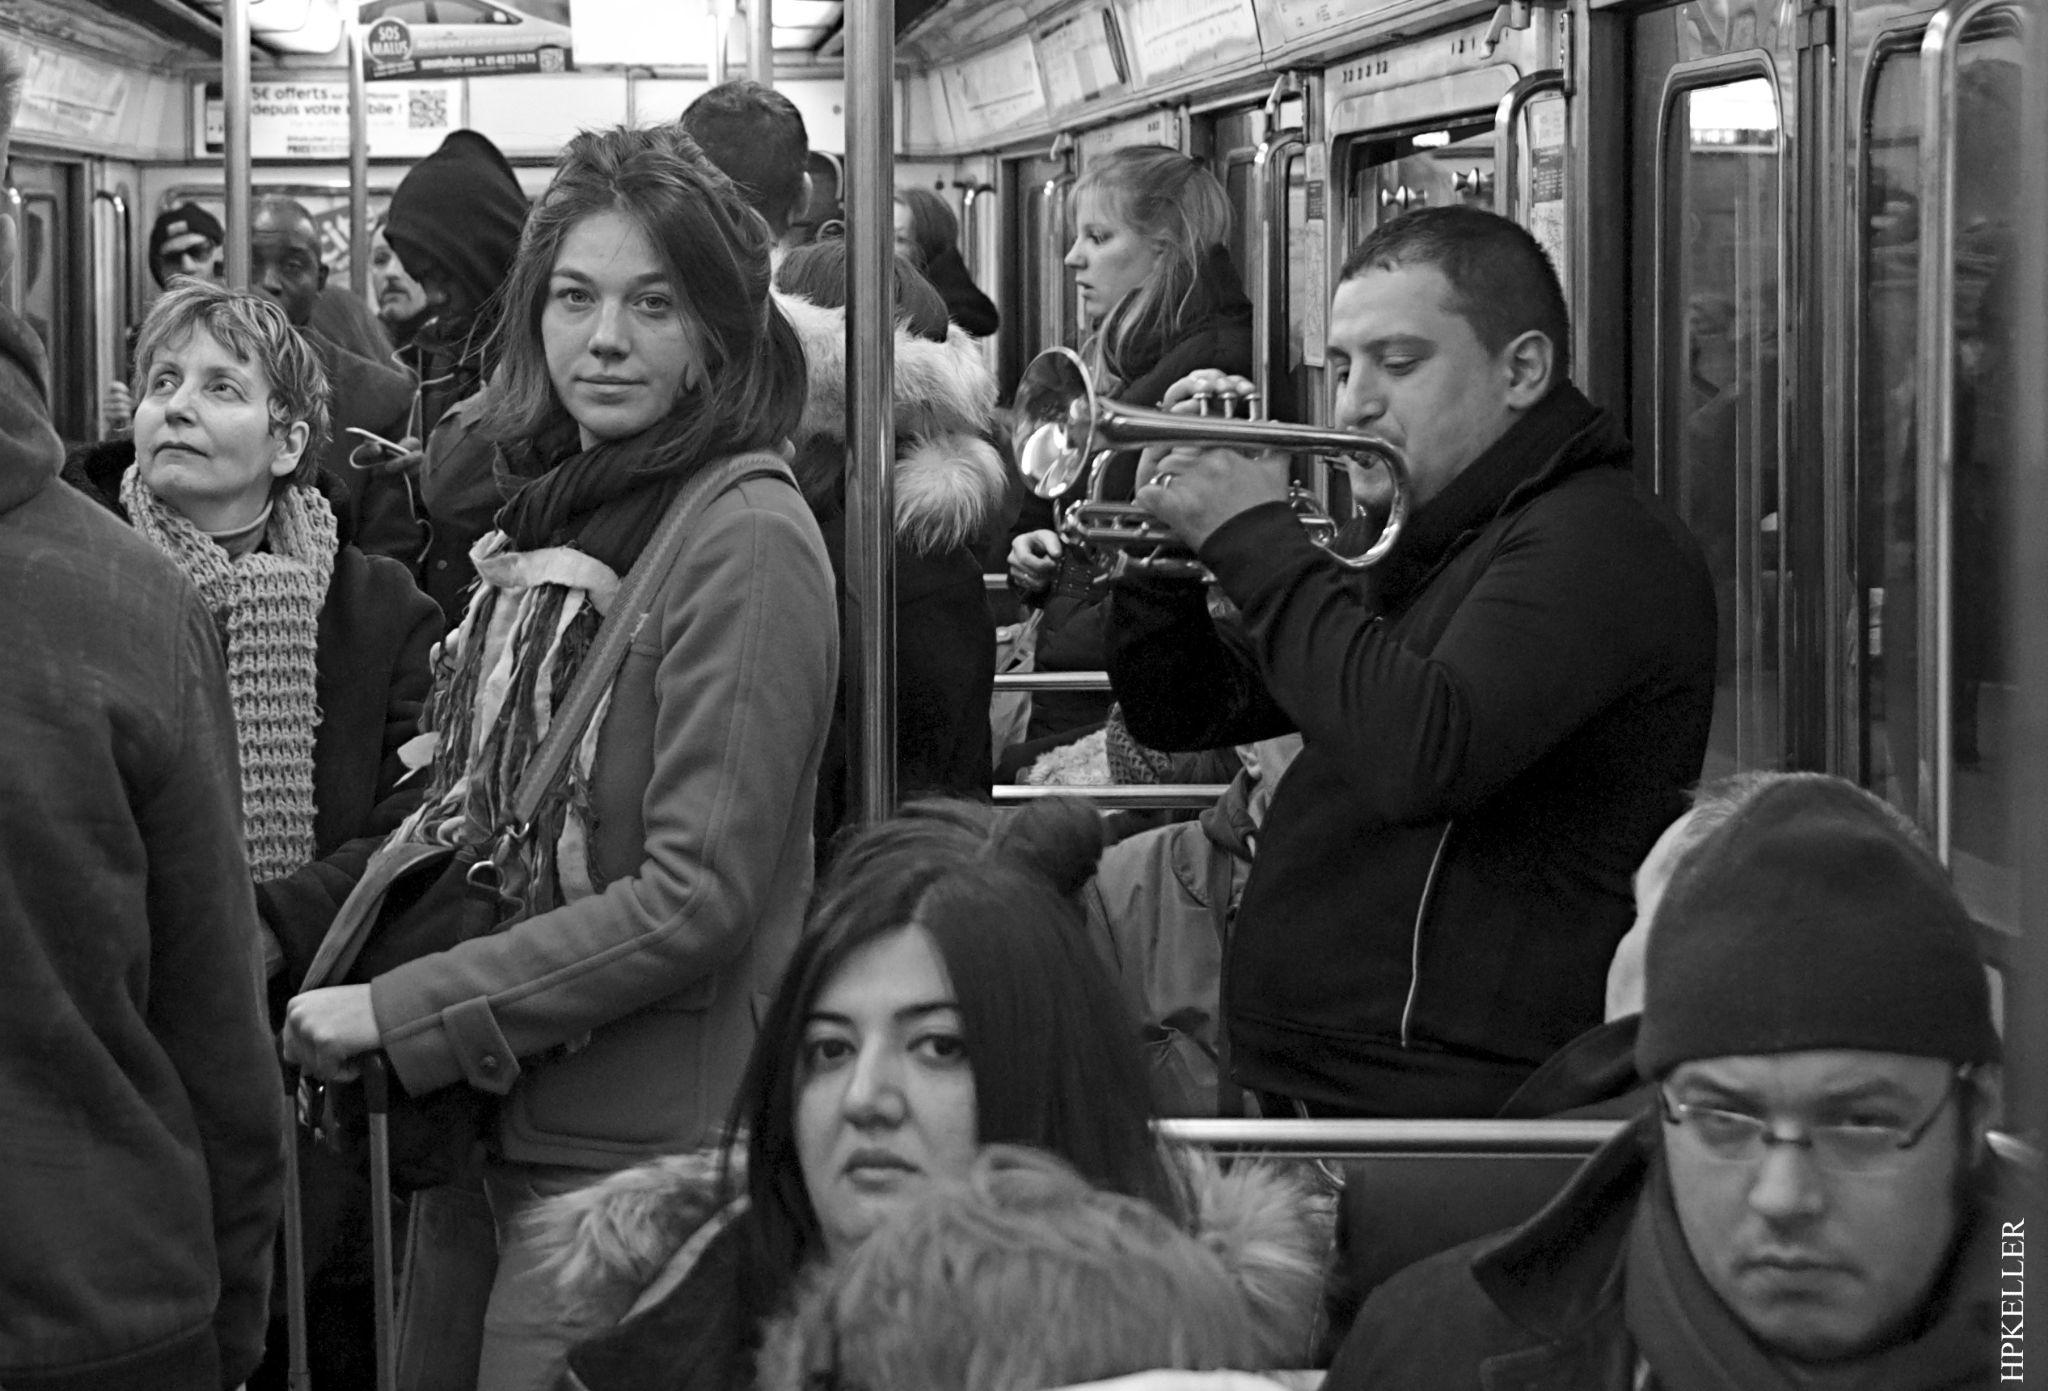 Spring in Paris, ...musical journey by metro. by Hans-Peter Keller